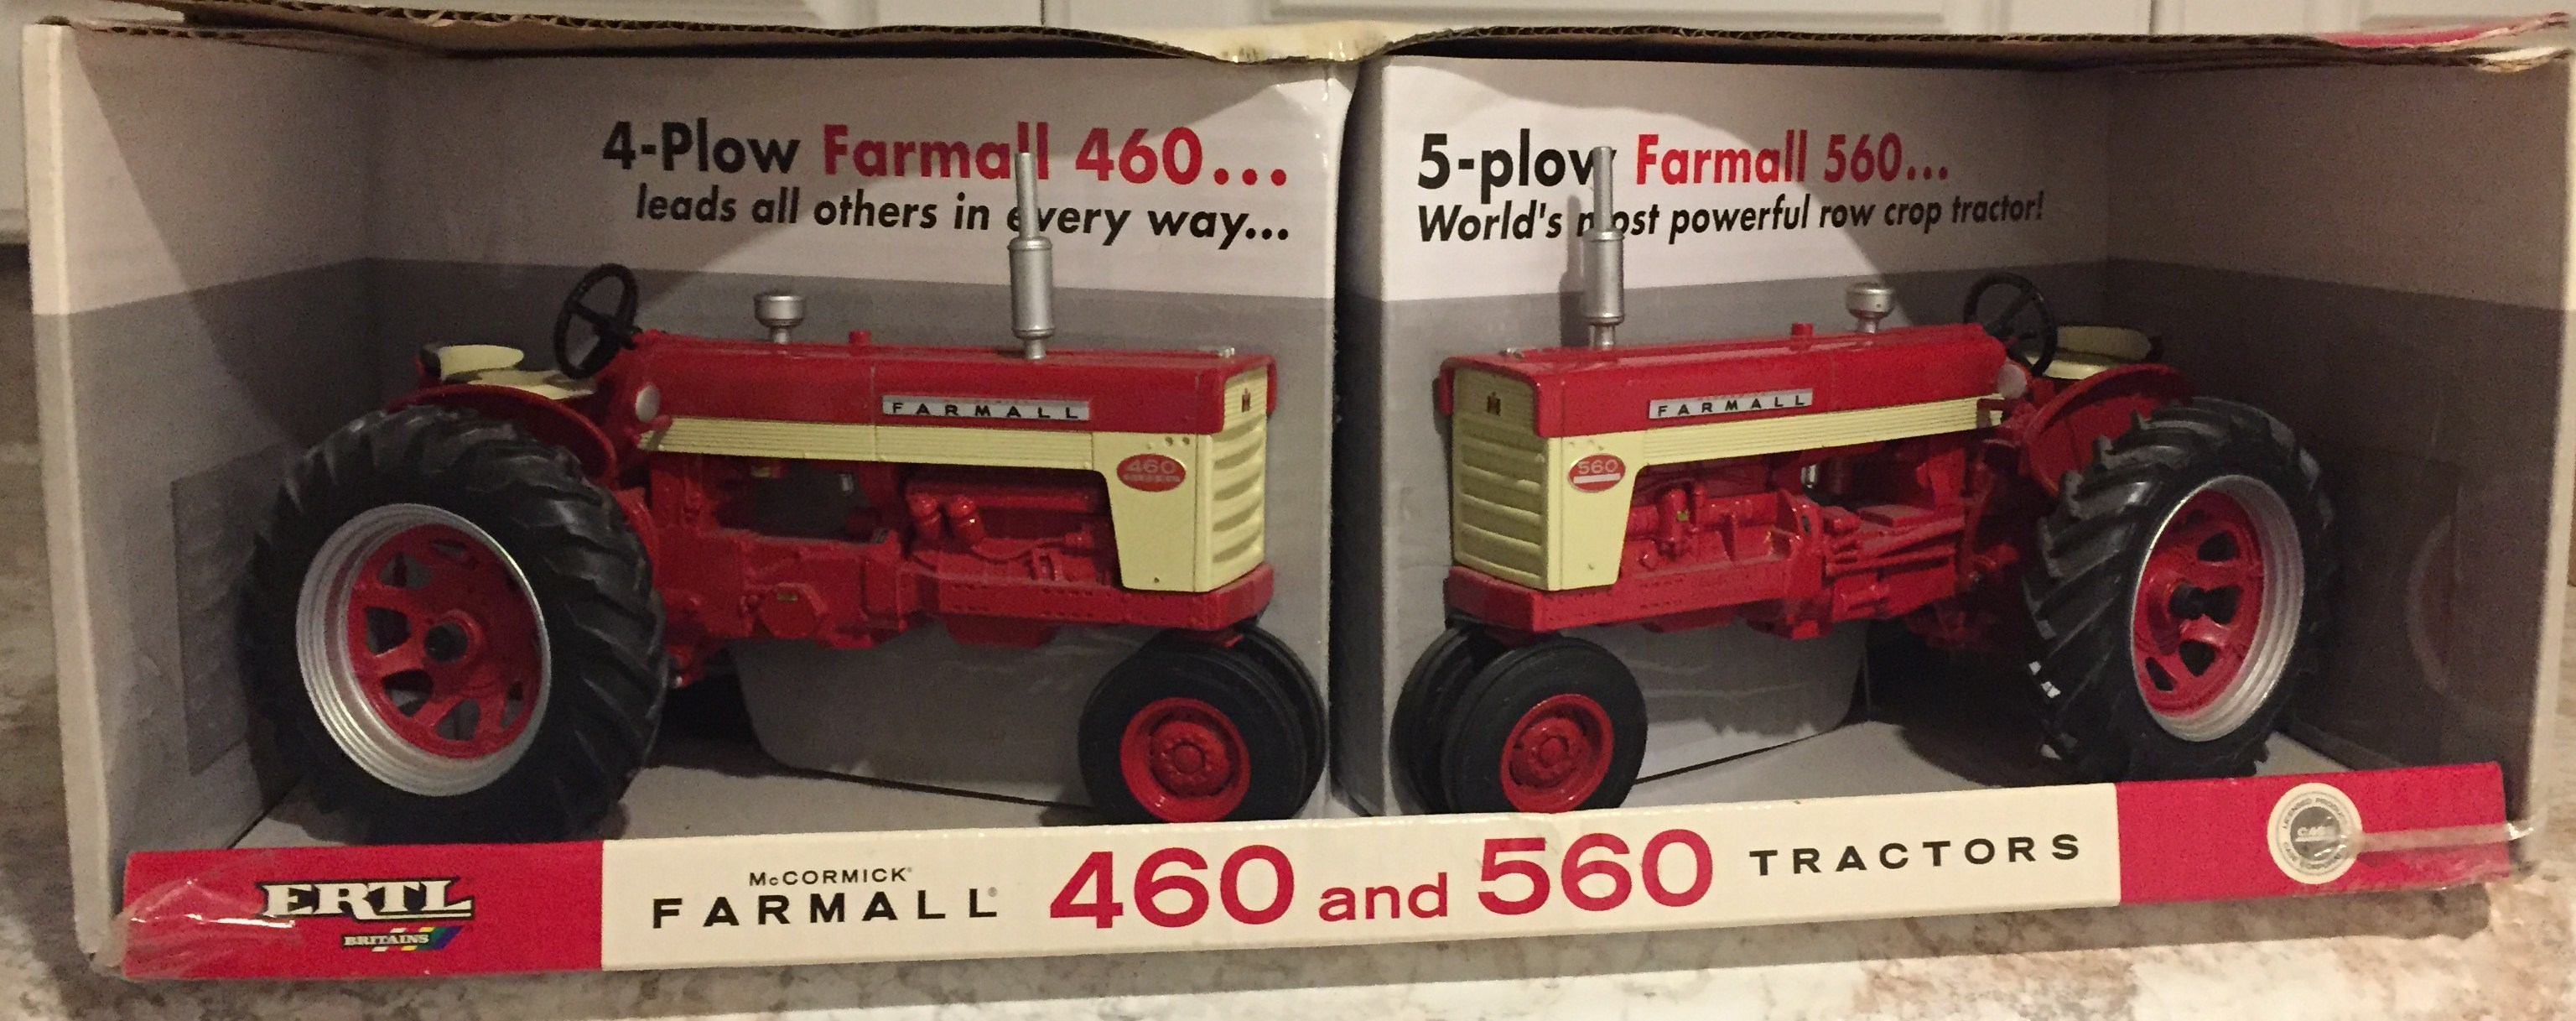 Lot 5 - Farmall 460/560 Tractor Set NIB